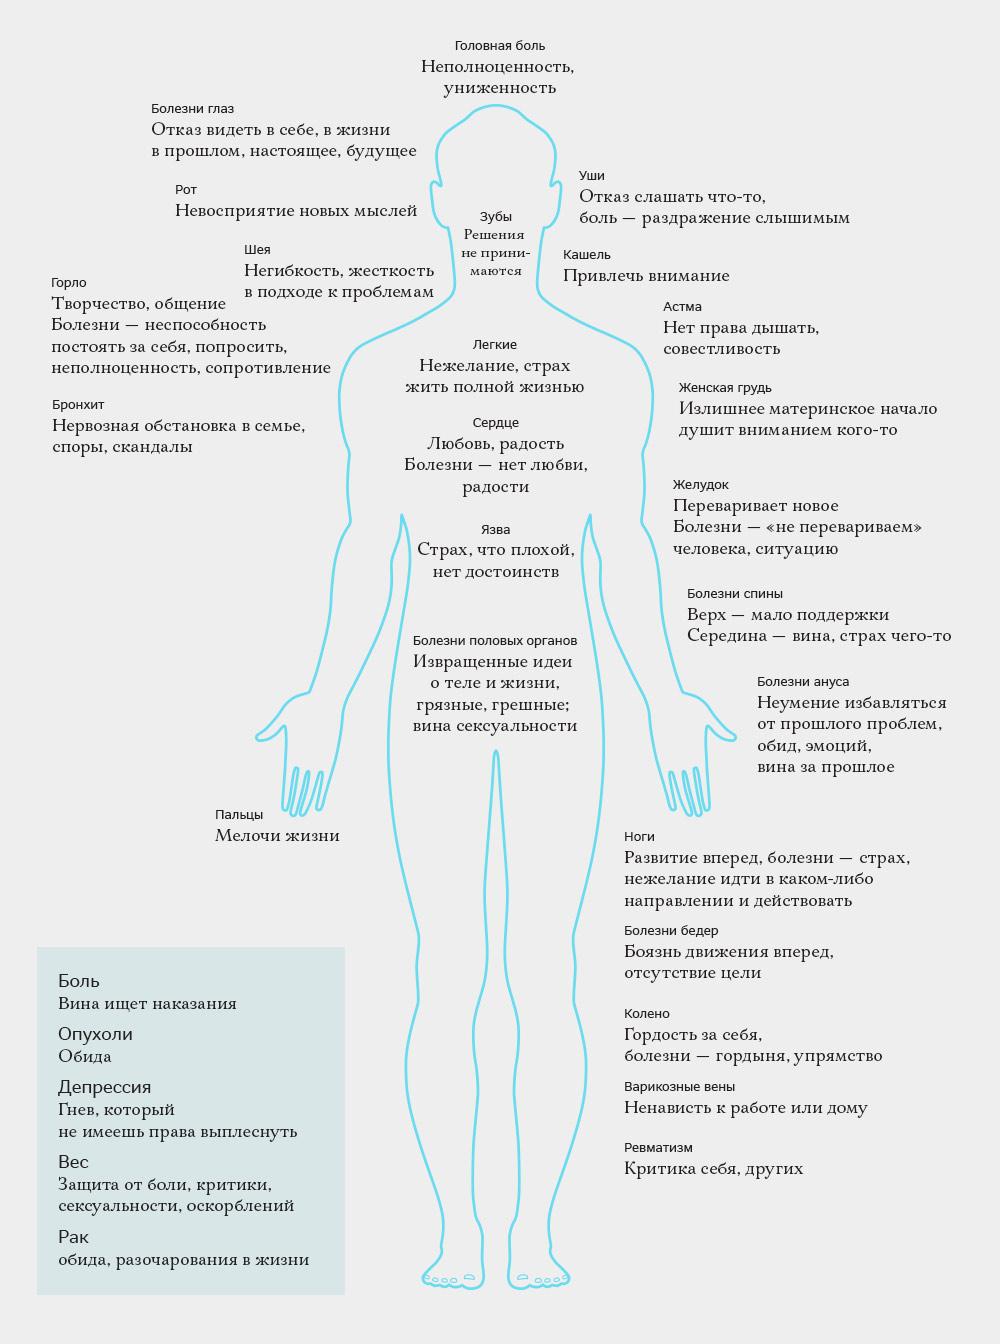 Психосоматика почему дети болеют